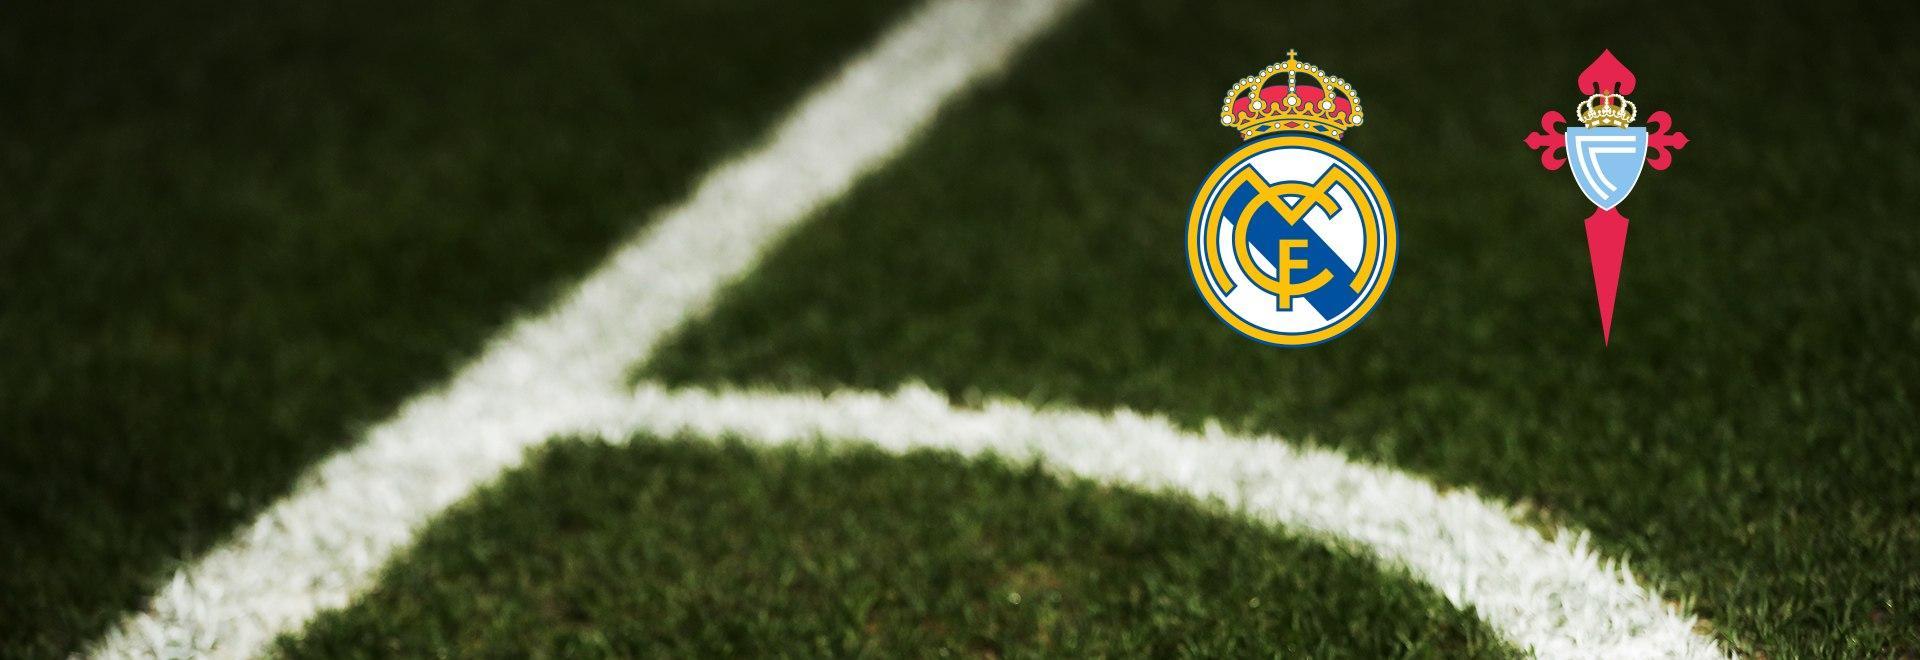 Real Madrid - Celta Vigo. 17a g.